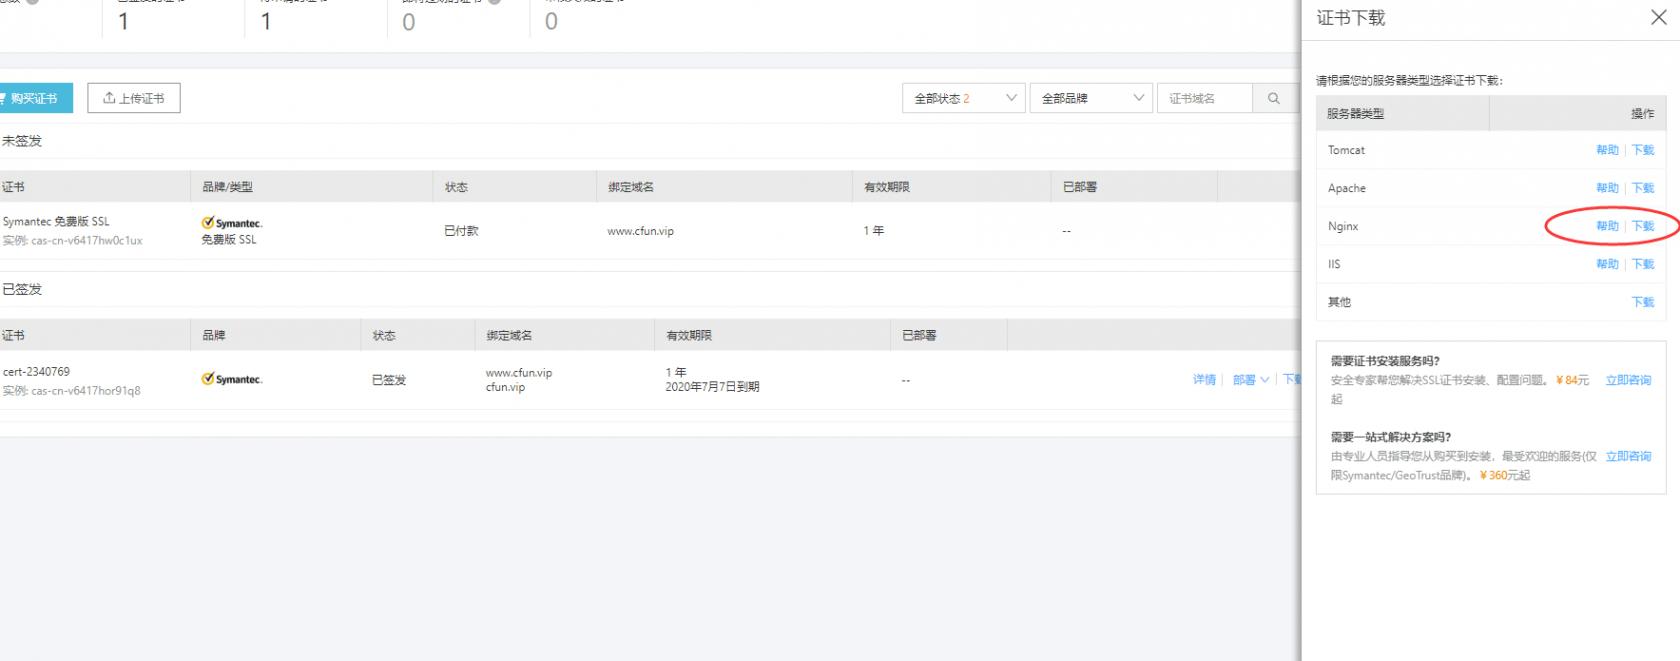 laravel项目配置https访问以及遇到的坑